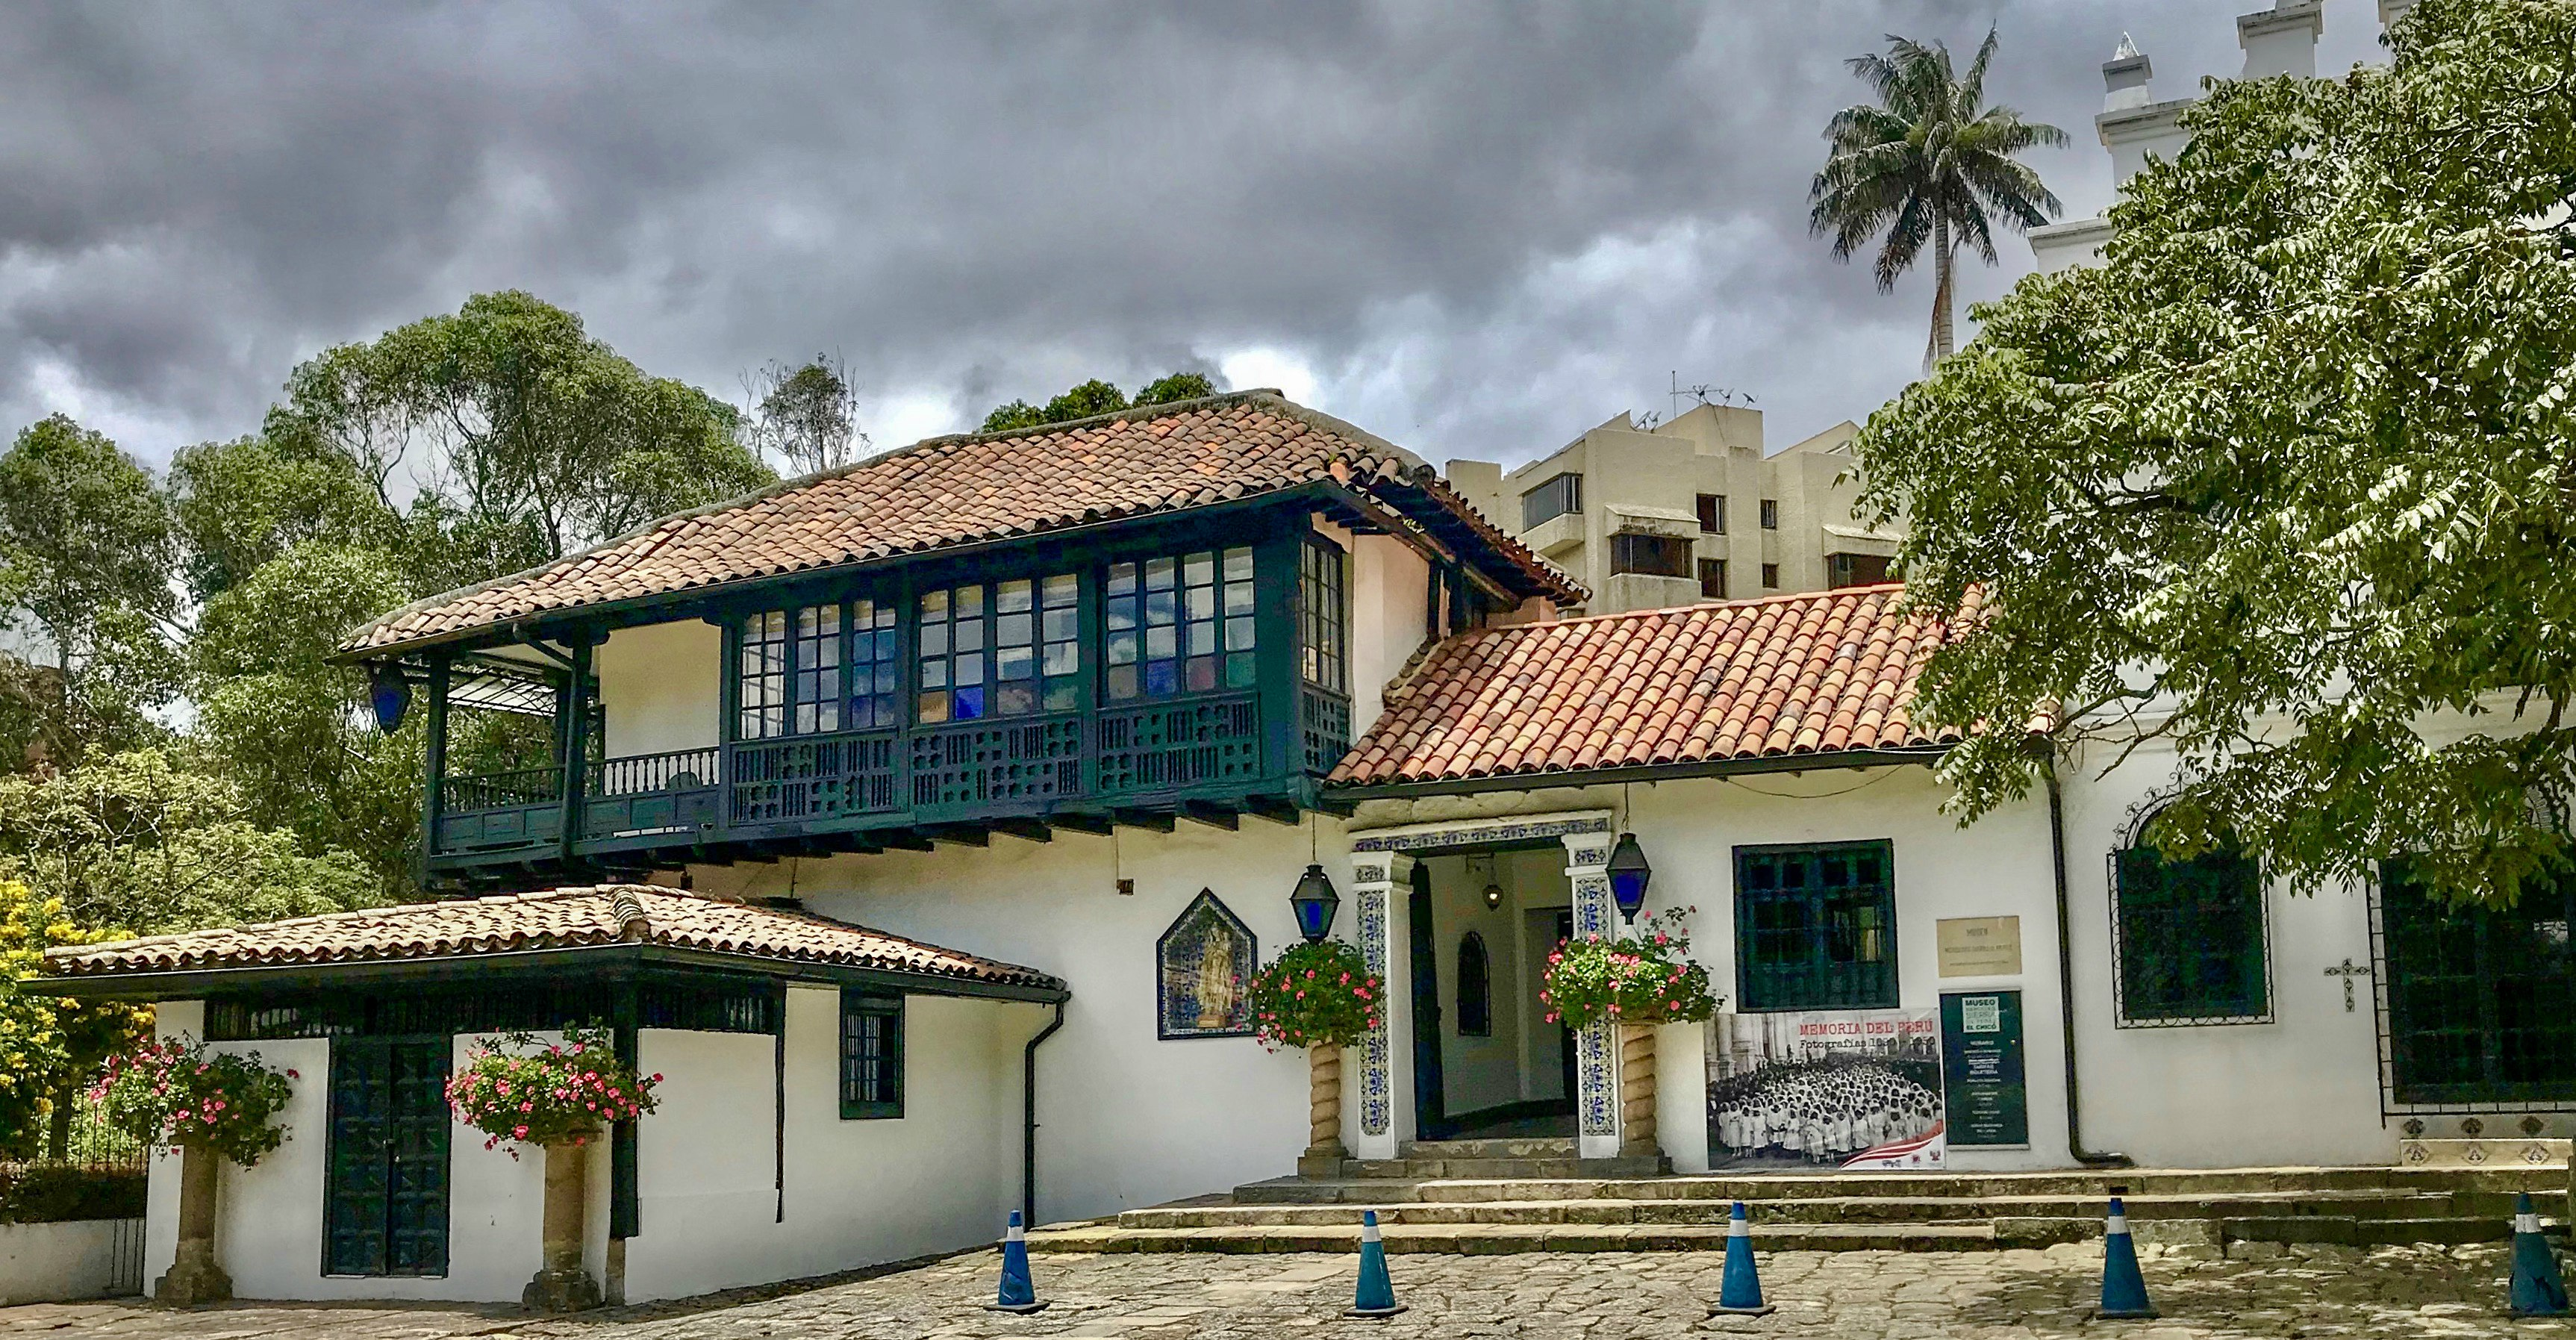 Navidad 2019 en el Museo El Chicó de Bogotá | Bogota.gov.co